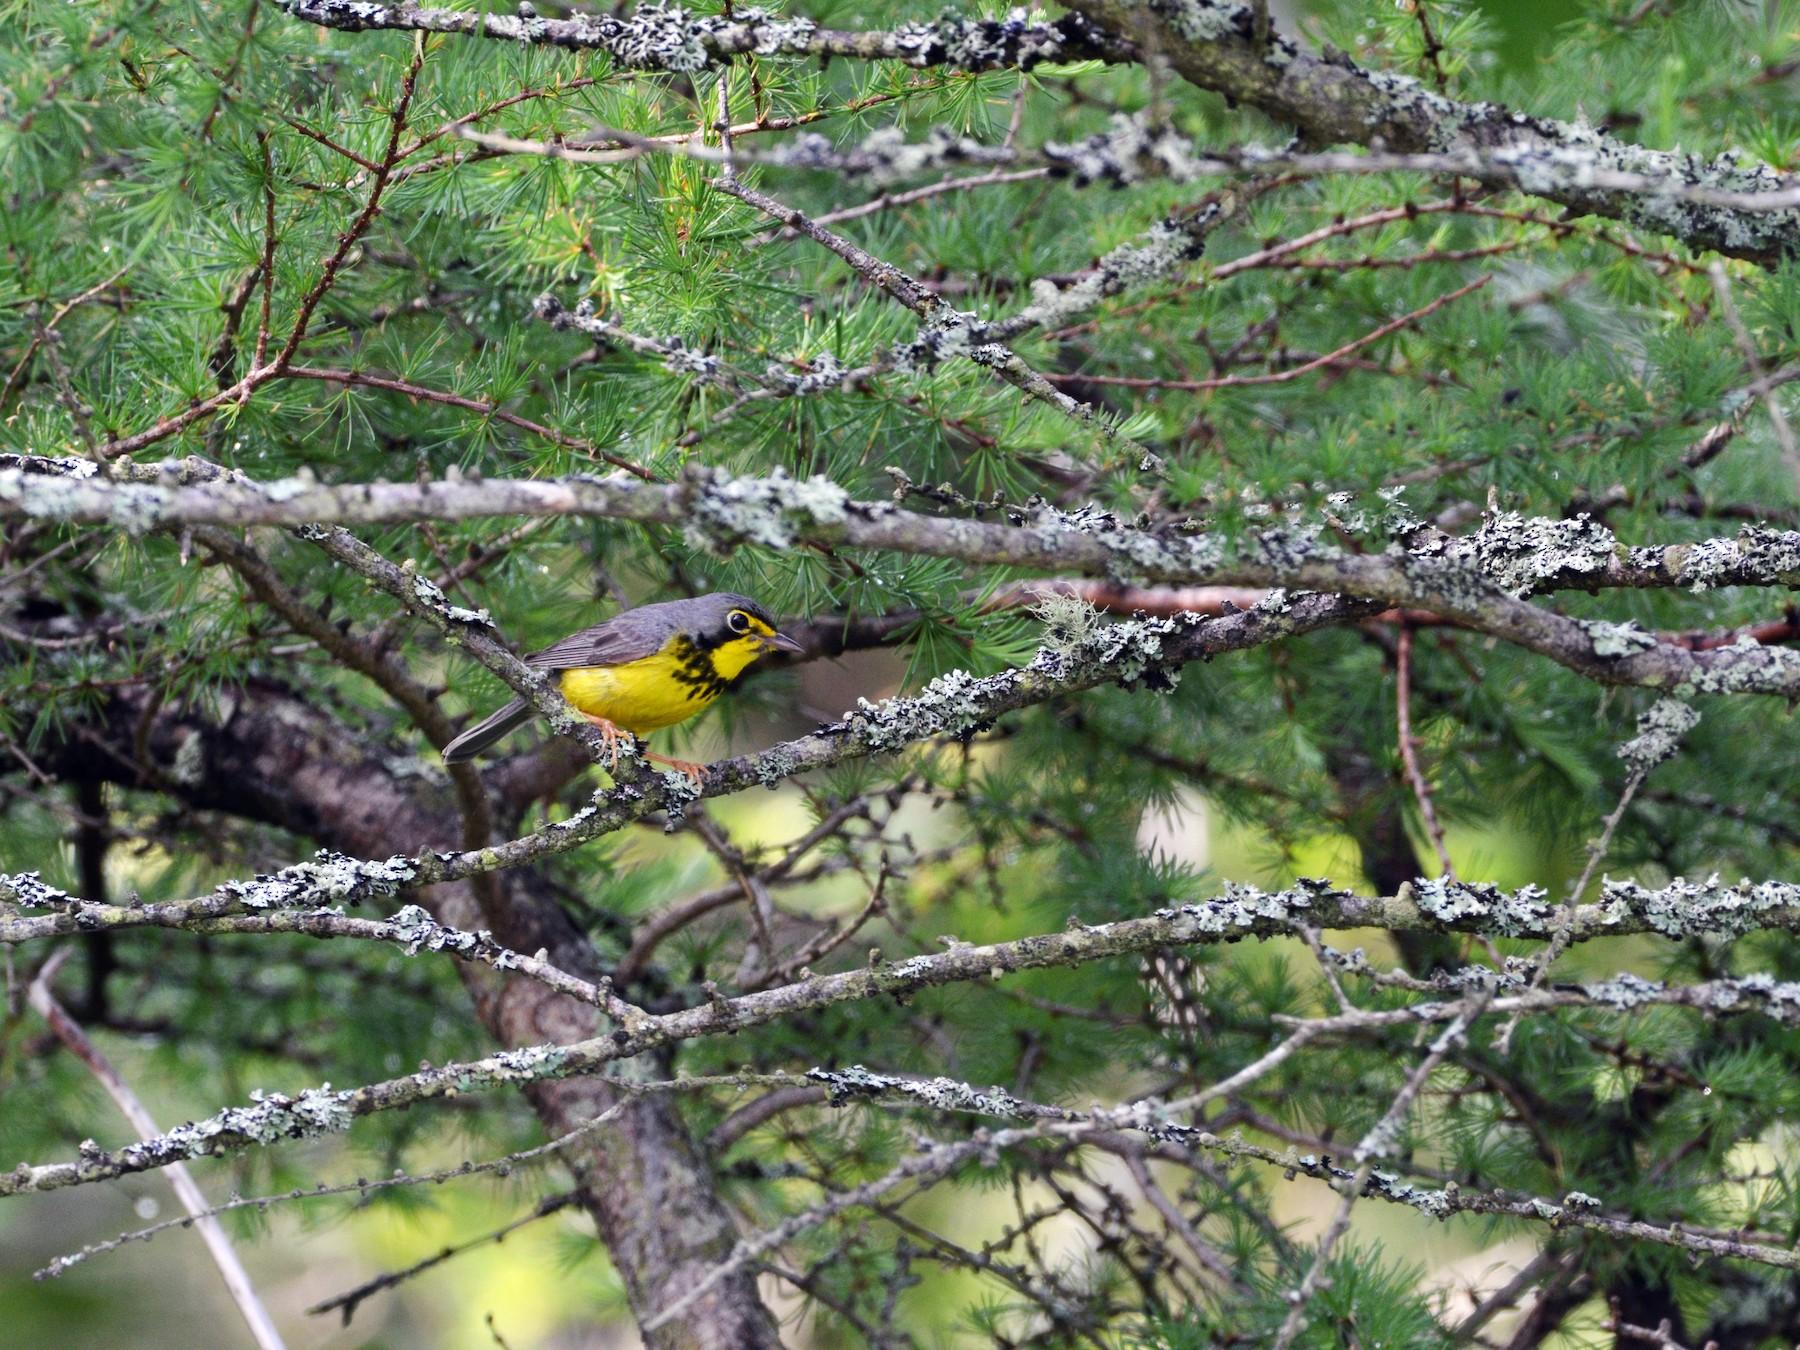 Canada Warbler - Andrew Stadnyk